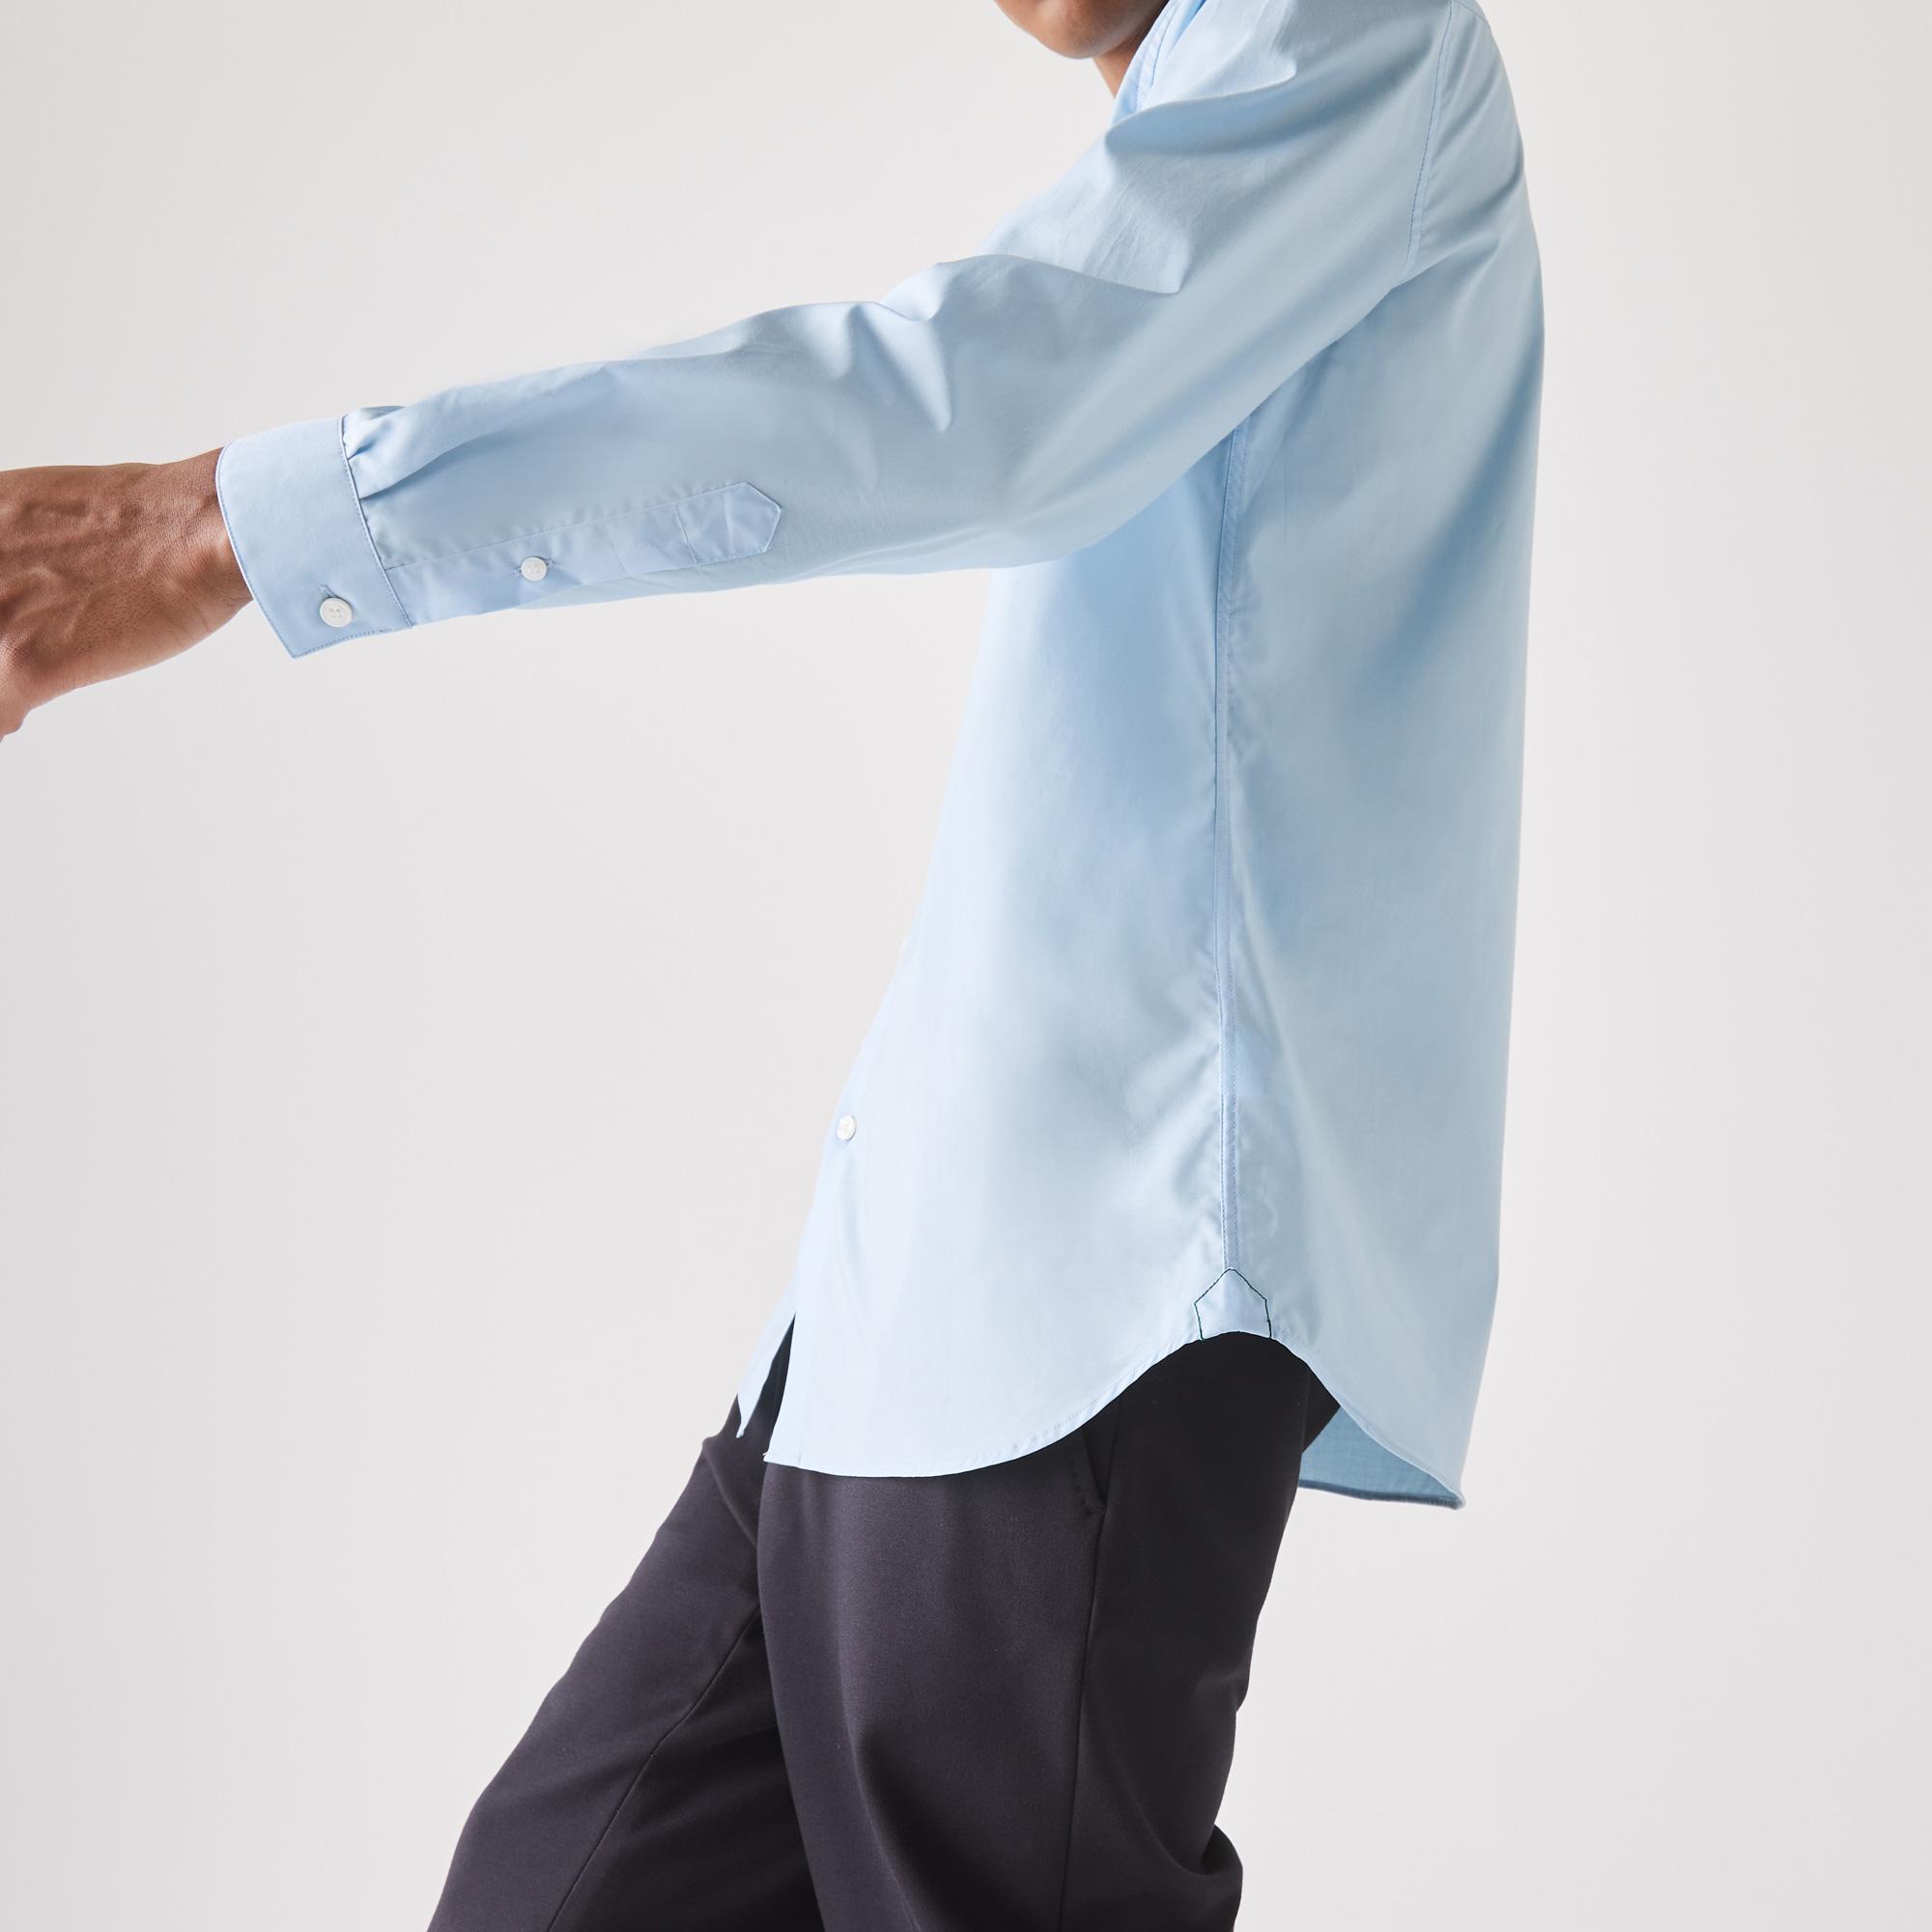 Lacoste Męska Rozciągliwa Koszula Z Popeliny Bawełnianej Slim Fit